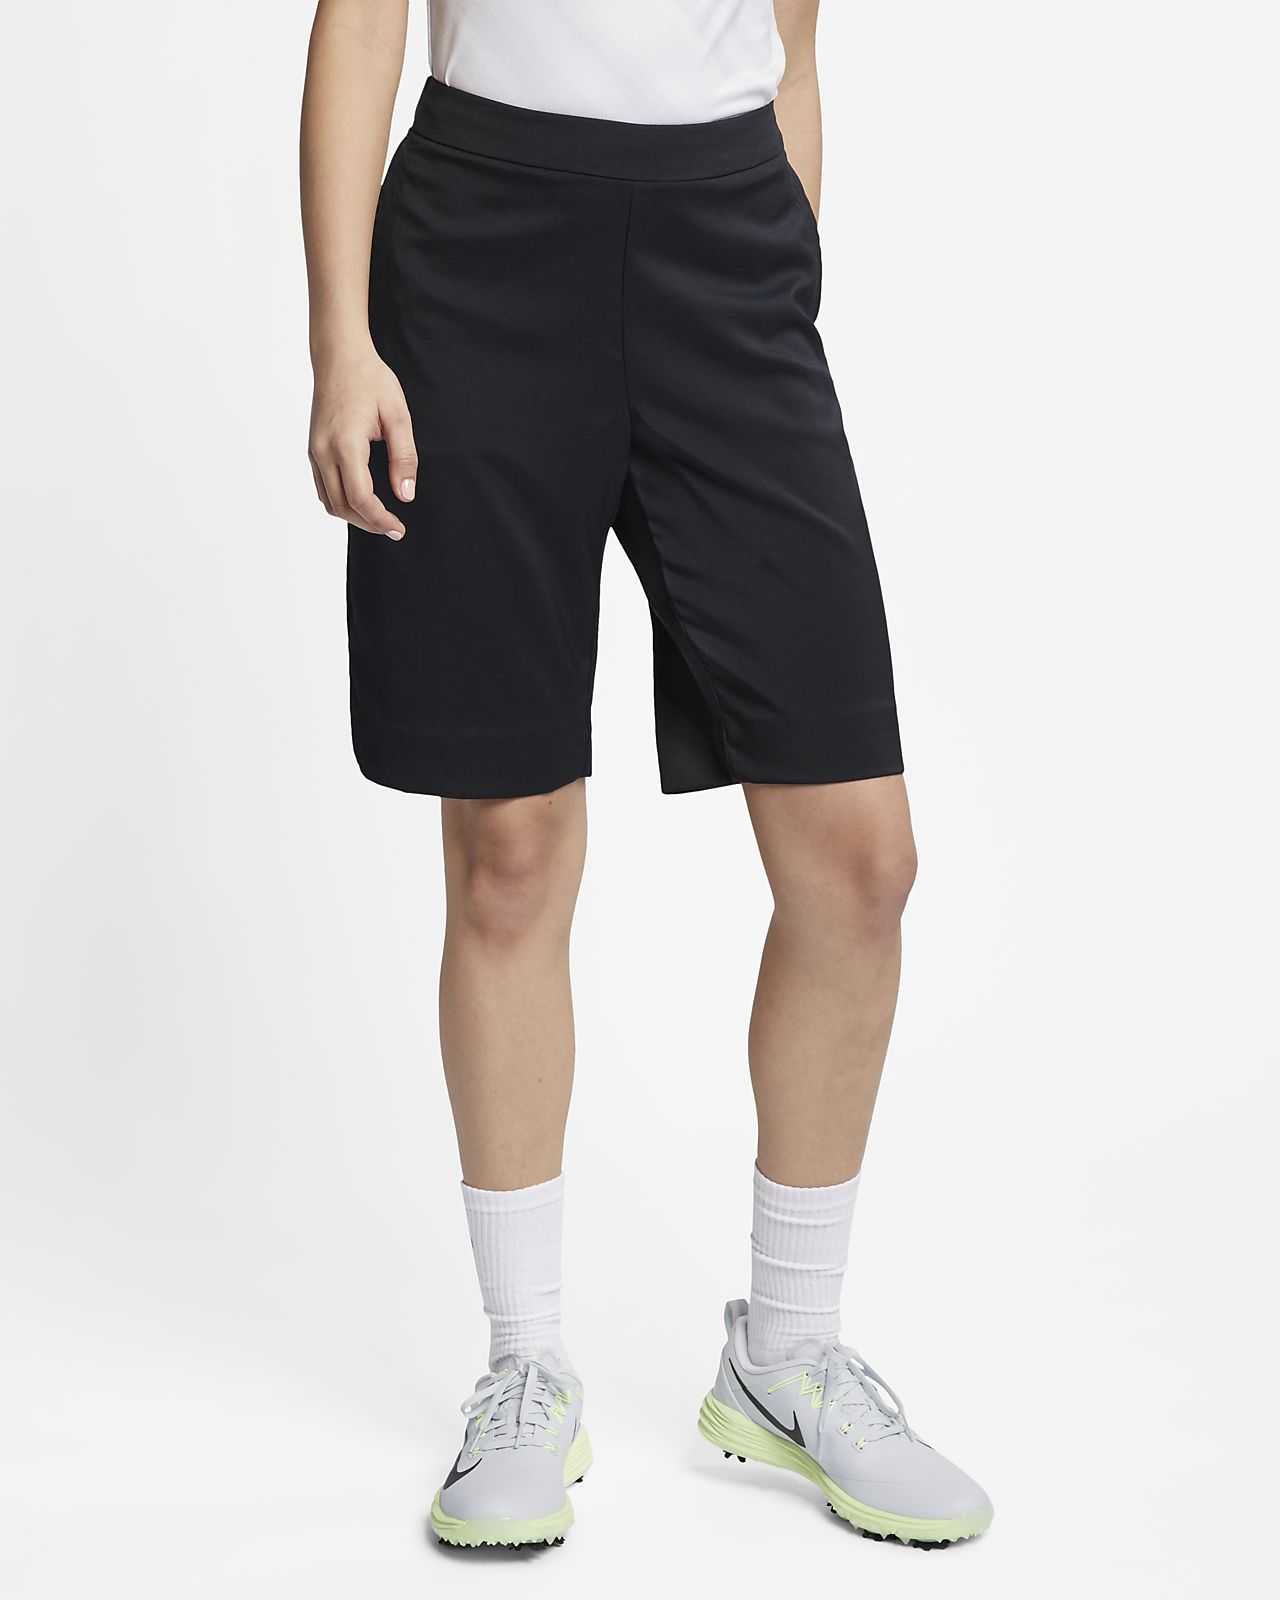 Golfshorts Nike Dri-FIT UV 27 cm för kvinnor